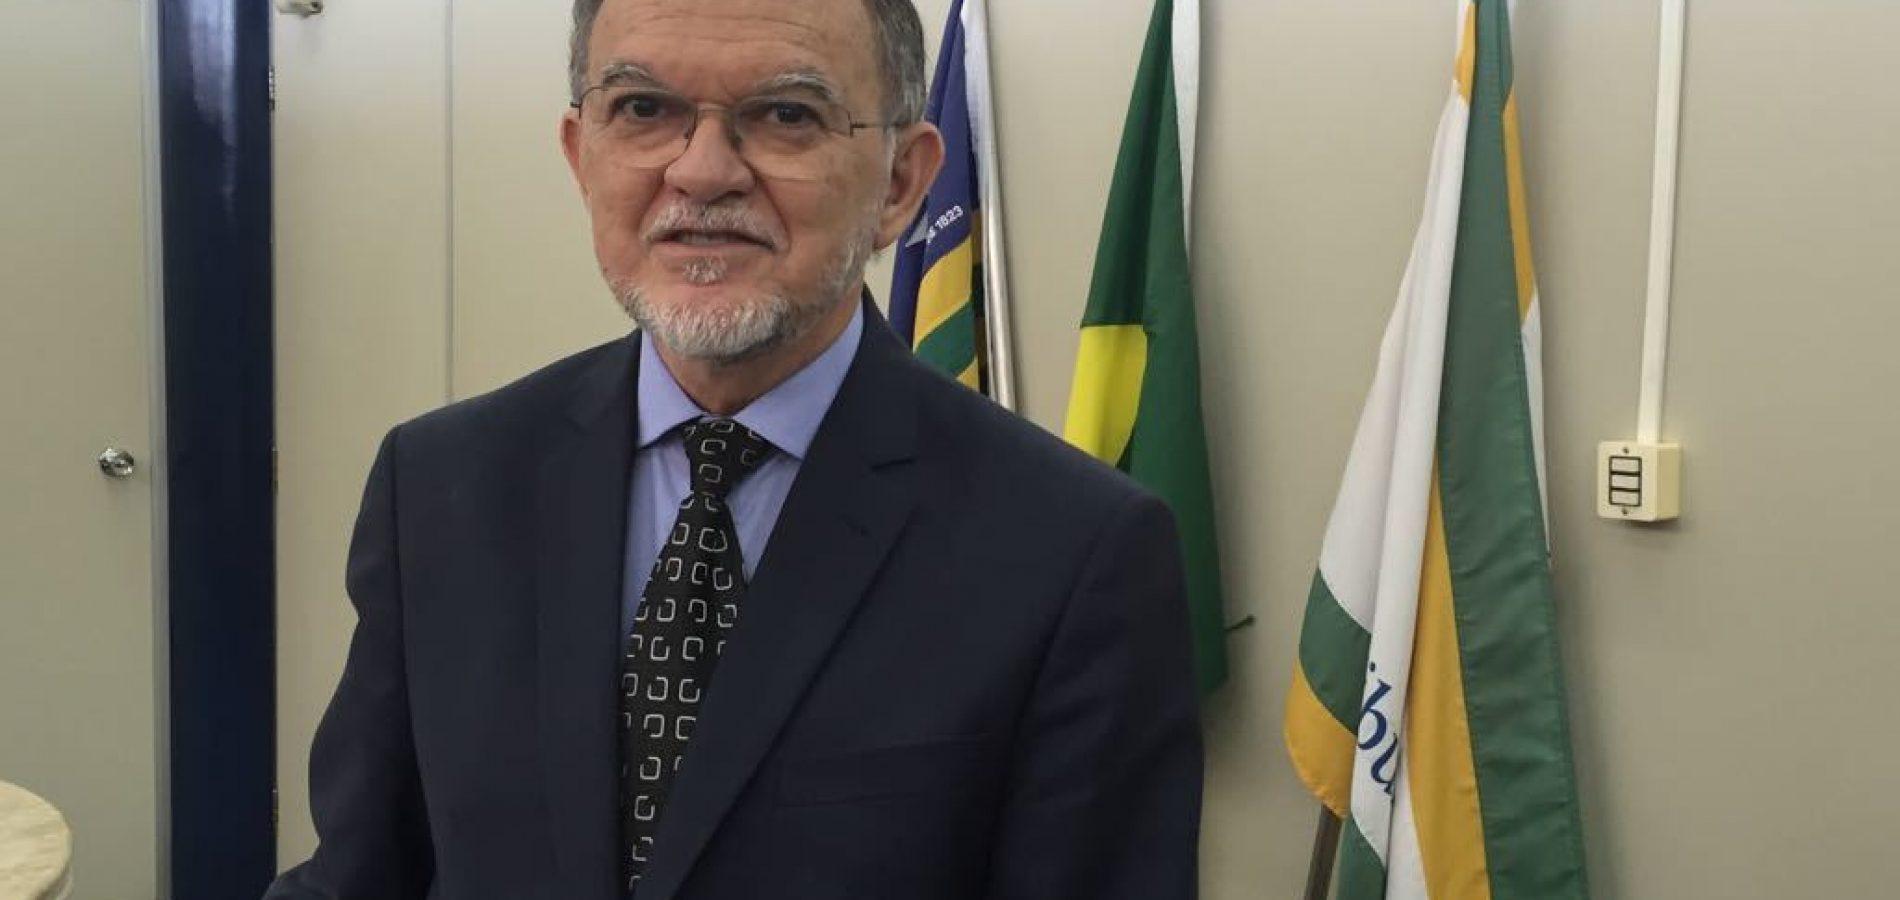 Pavimentação: conselheiro do TCE cobra documentos de empreiteira investigada pelo GAECO